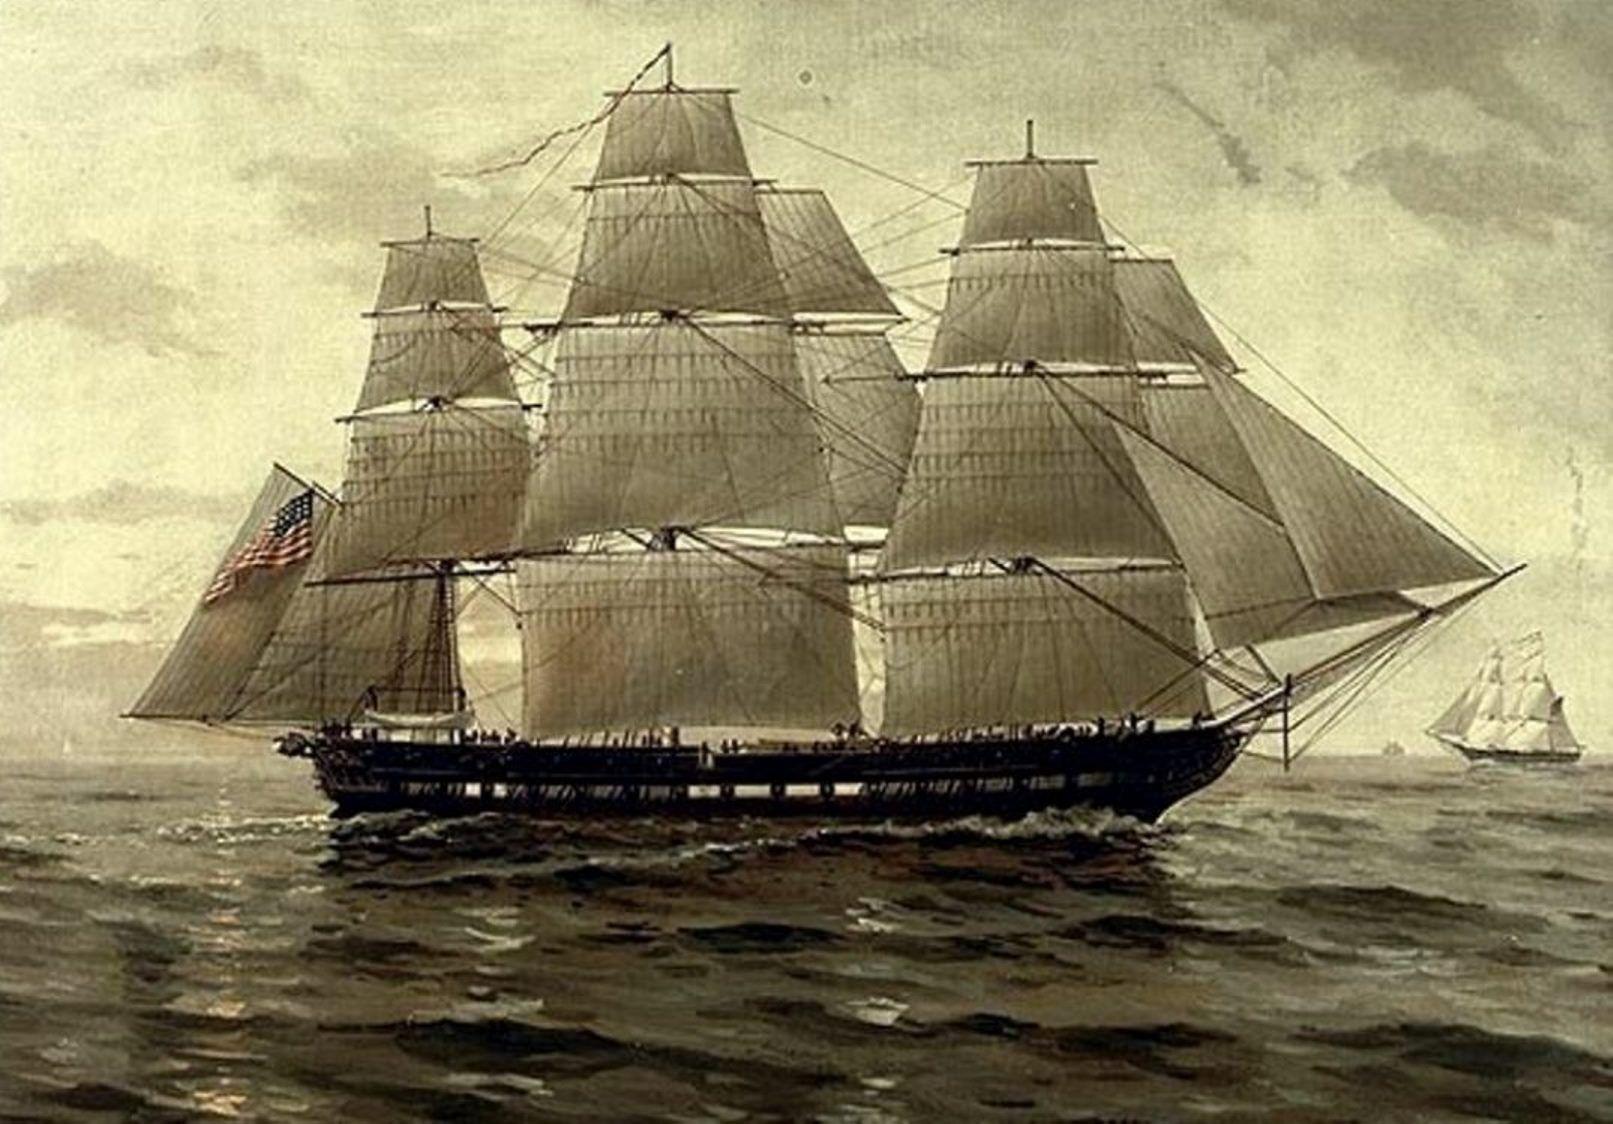 Frigate Uss Chesapeake In The War Of